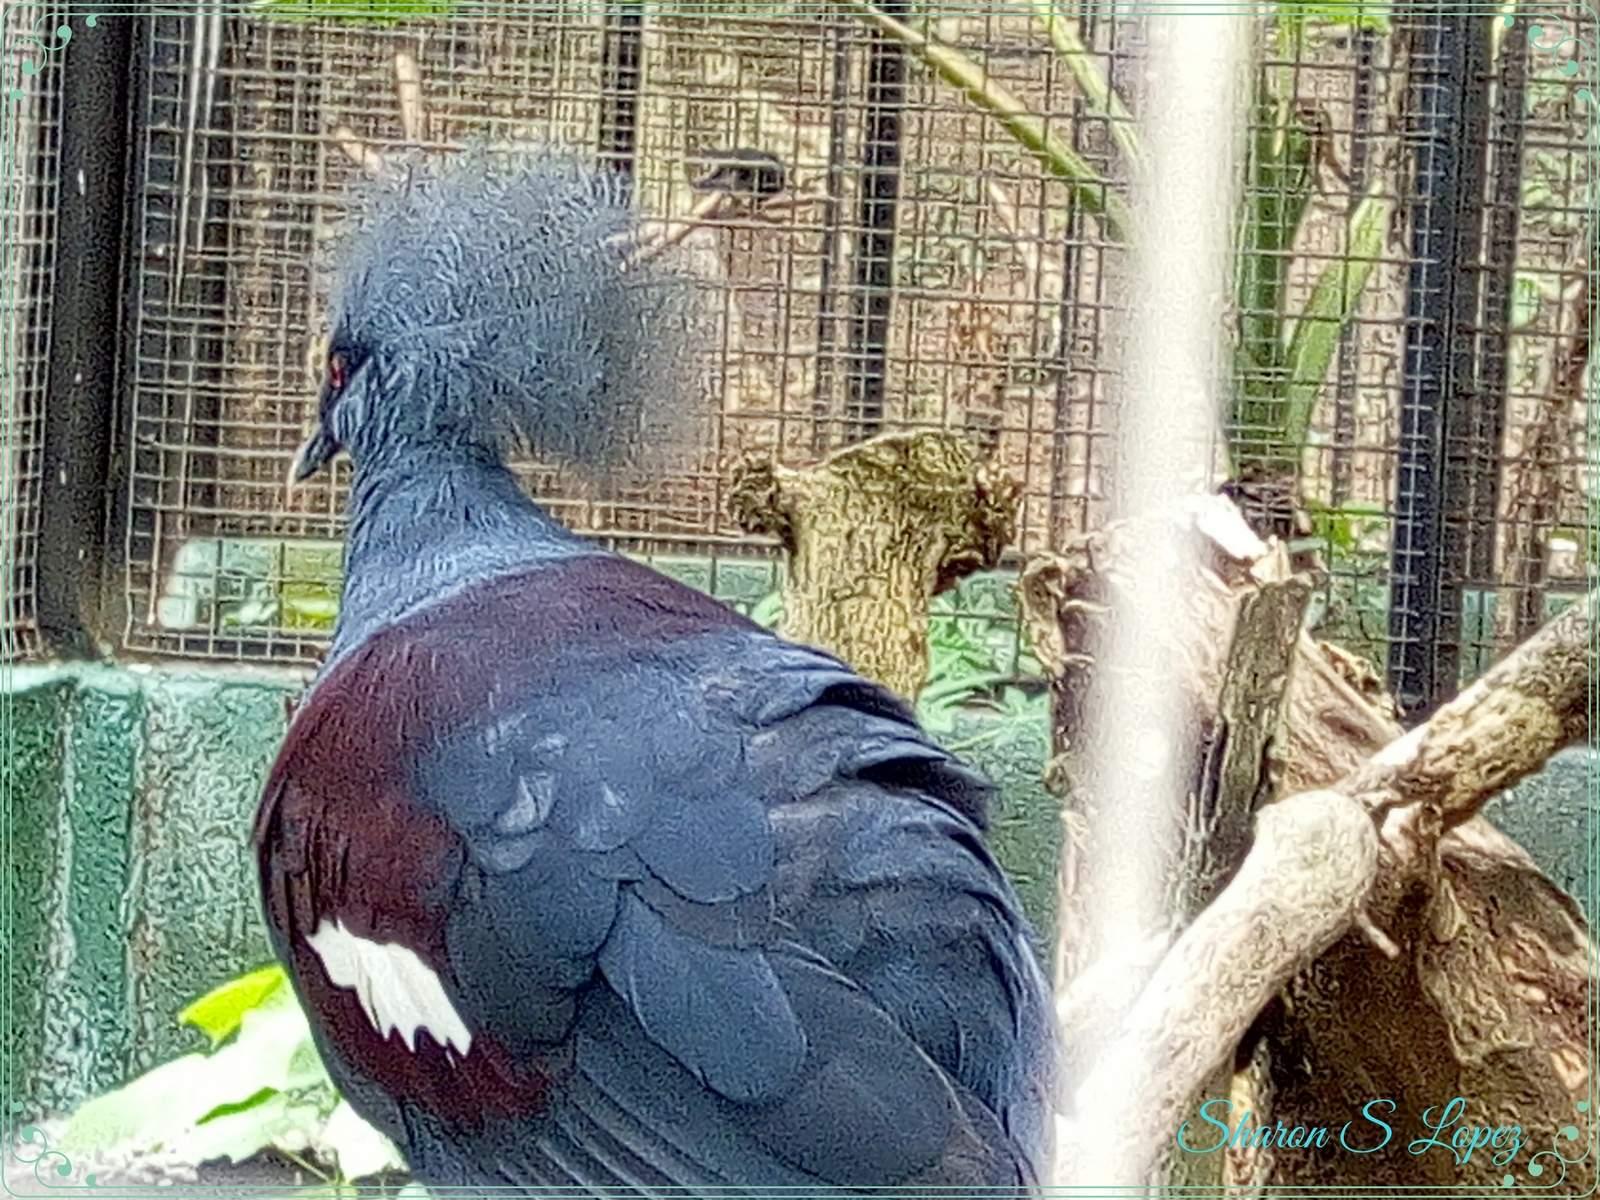 crowned+pigeon